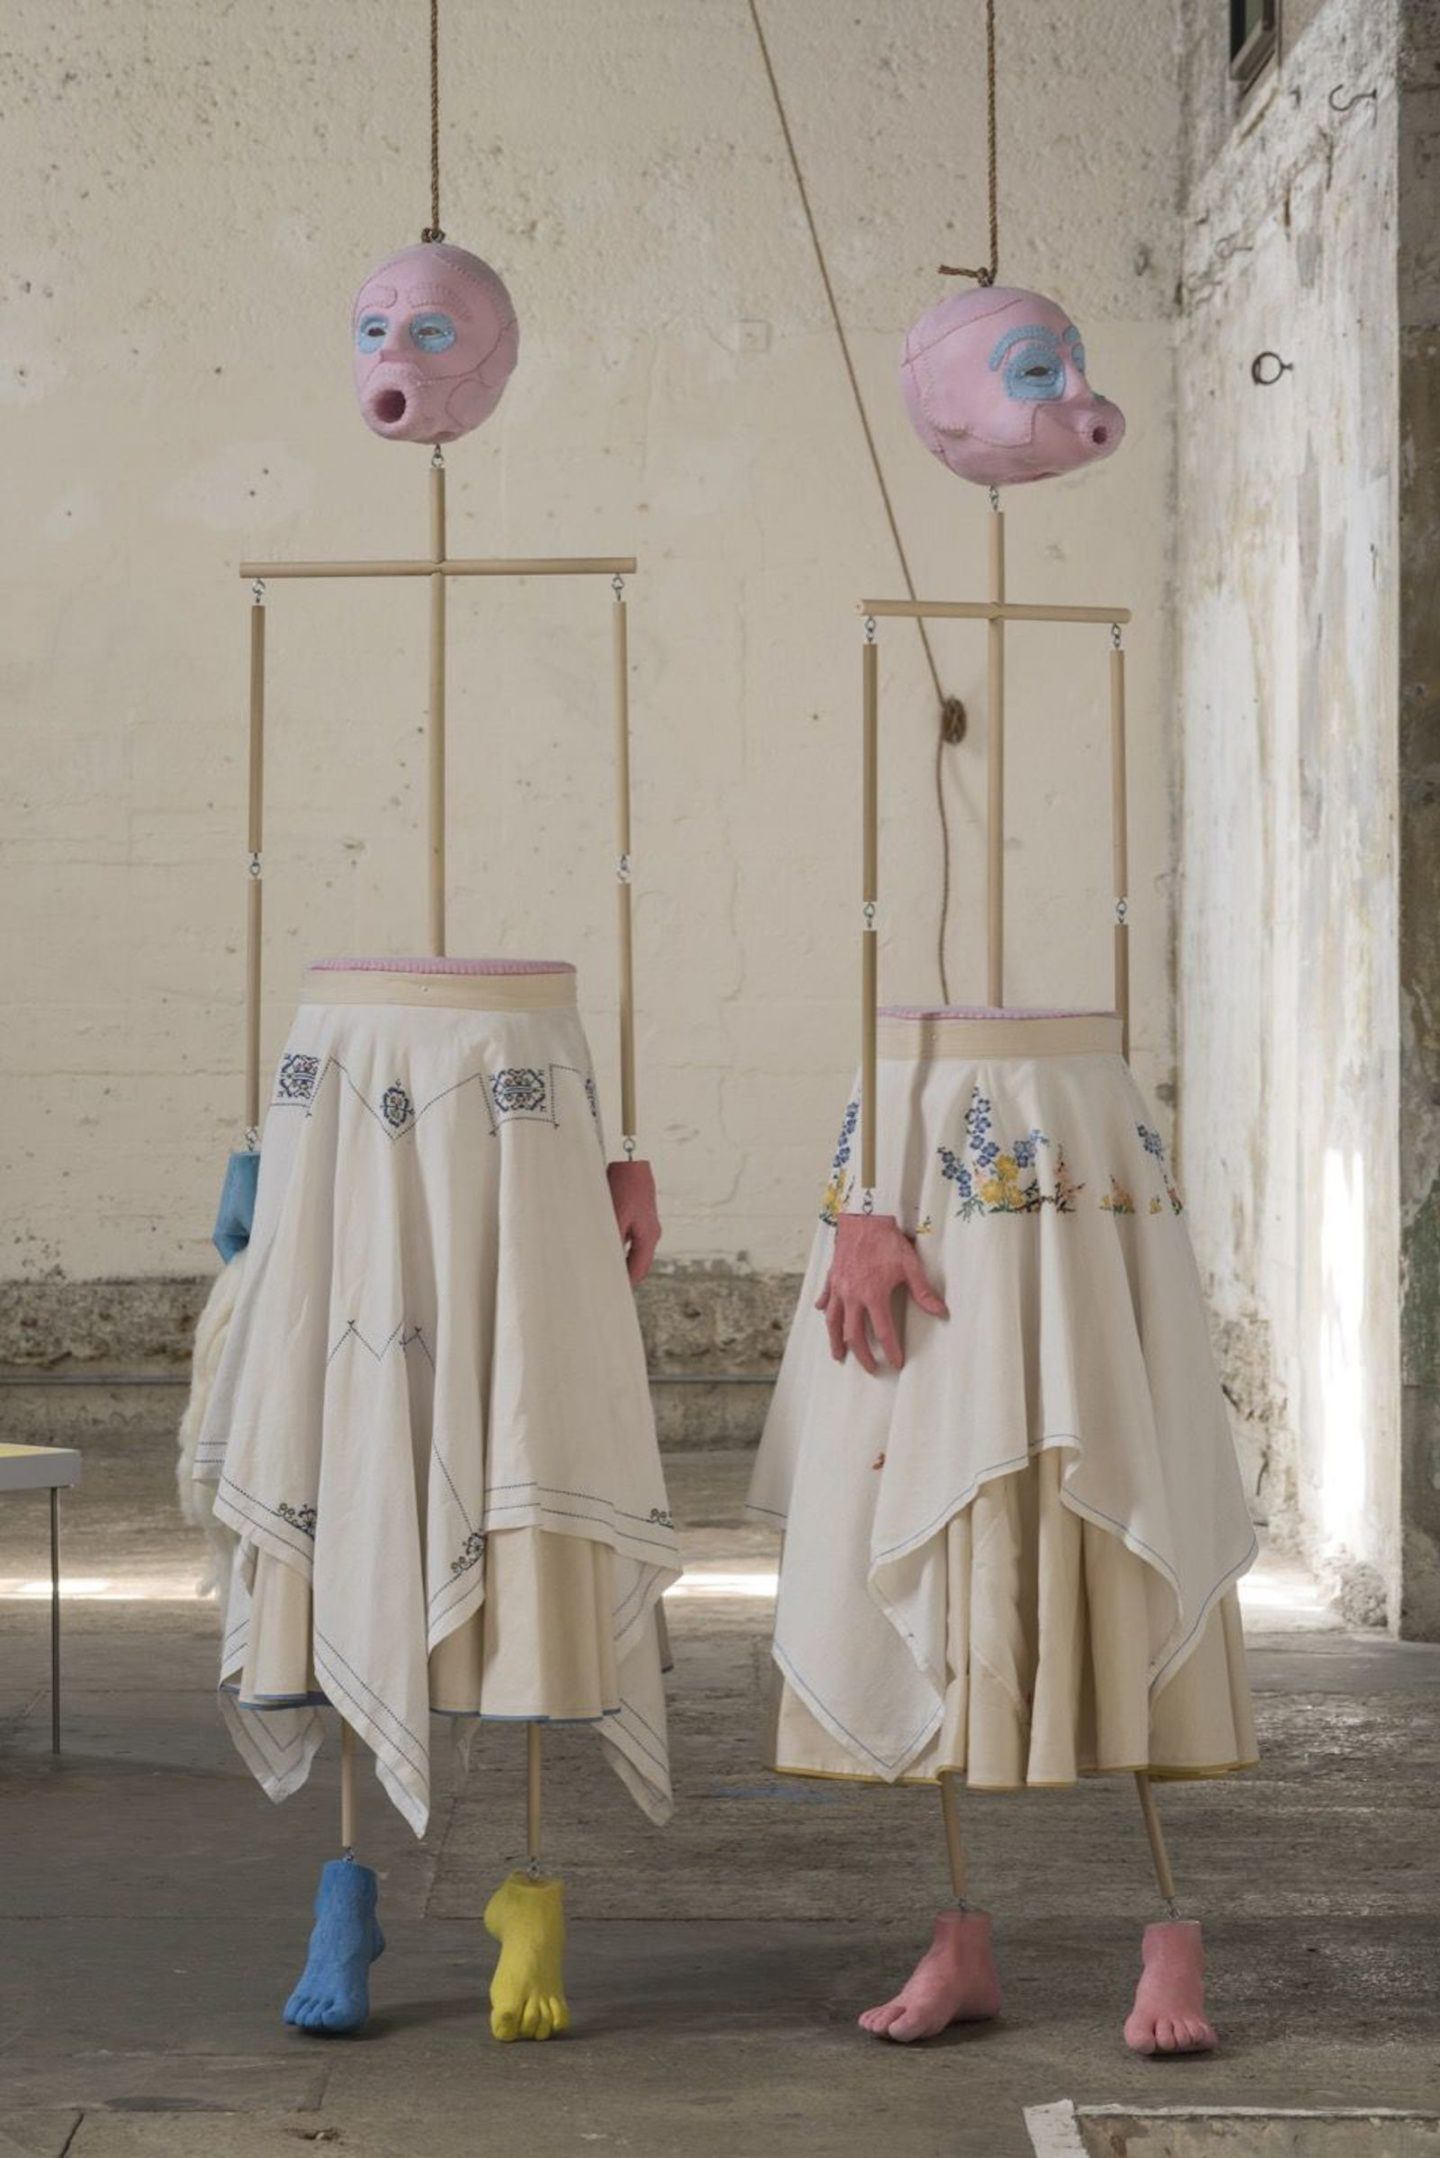 iGNANT-Art-Jonathan-Baldock-006